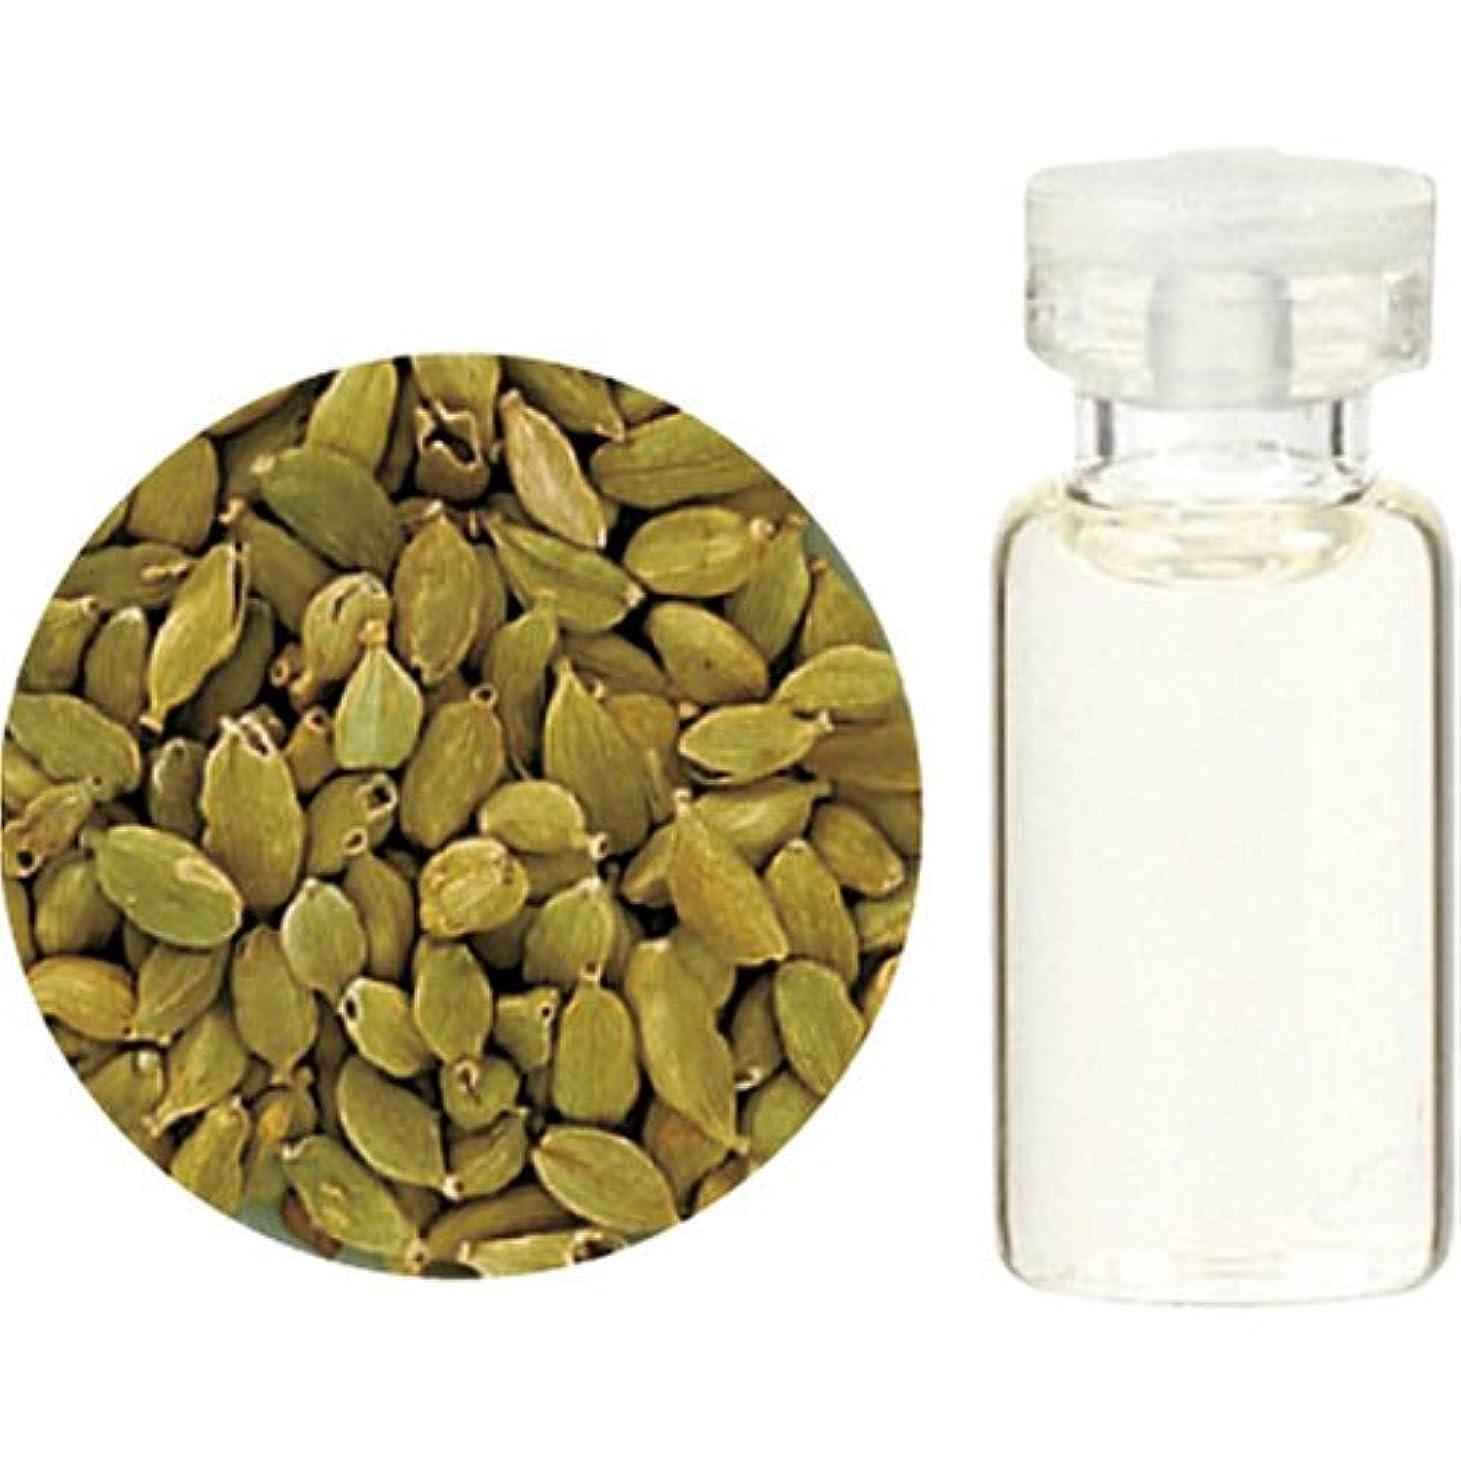 球体情熱的周術期Herbal Life カルダモン10ml